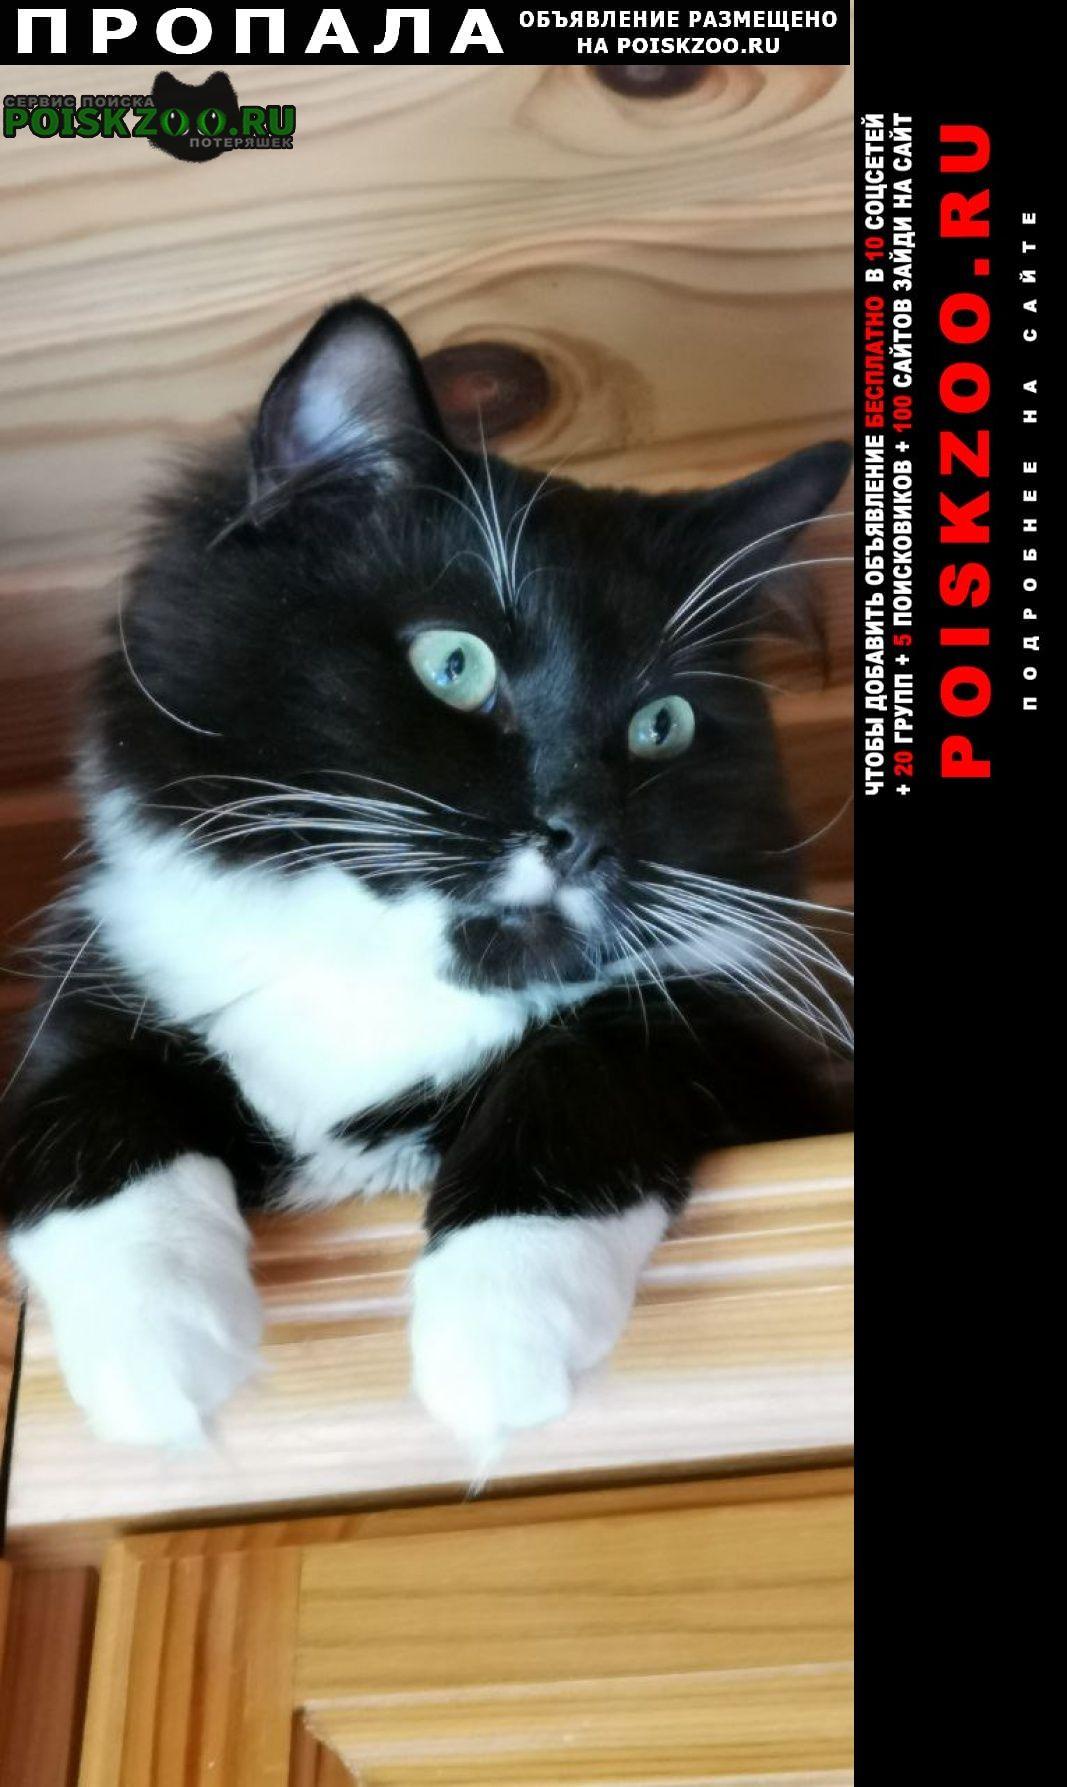 Пропала кошка Псков